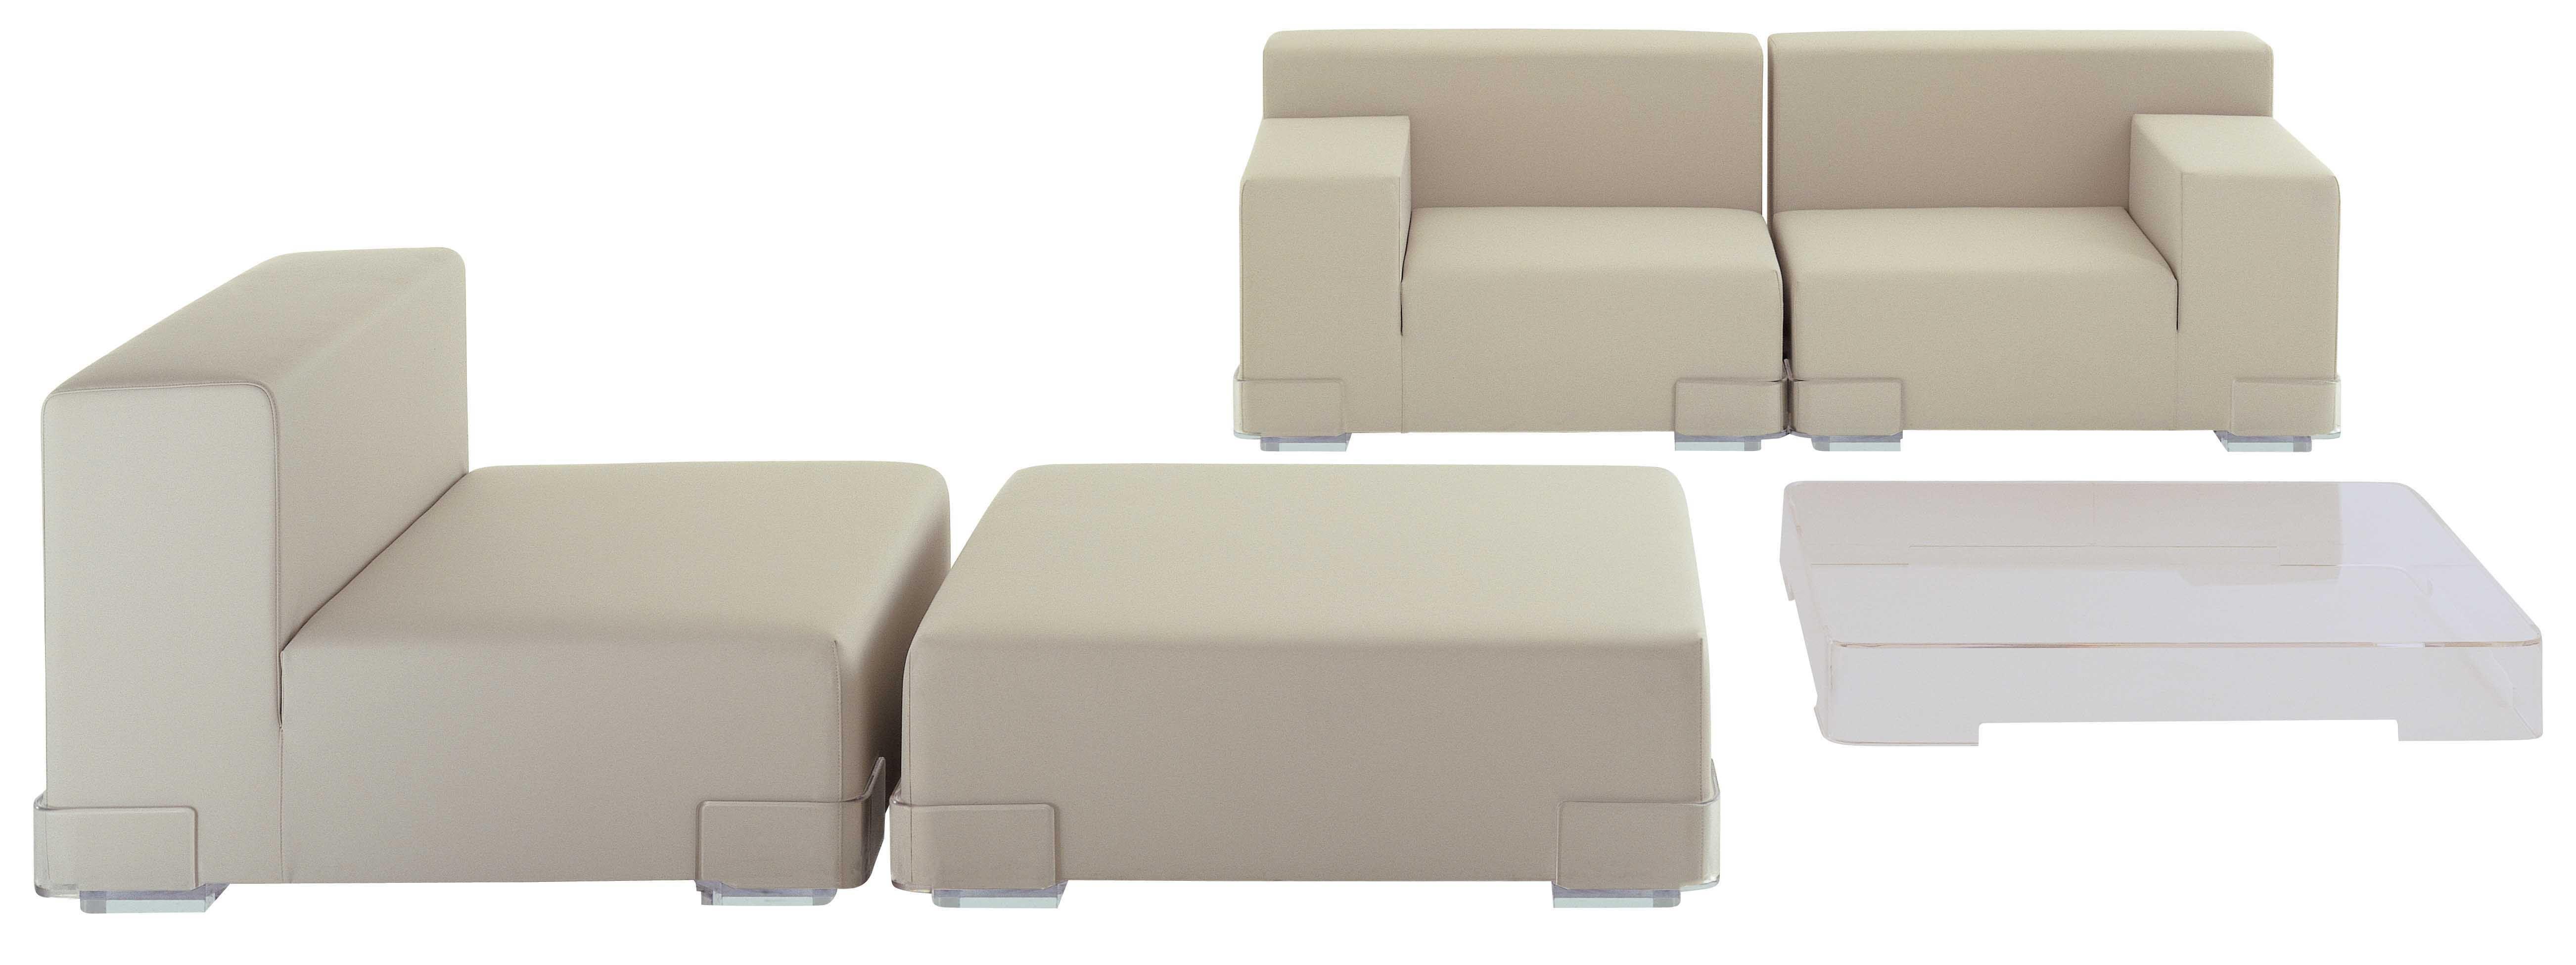 canap modulable plastics module accoudoir droite l 90 cm anthracite kartell. Black Bedroom Furniture Sets. Home Design Ideas